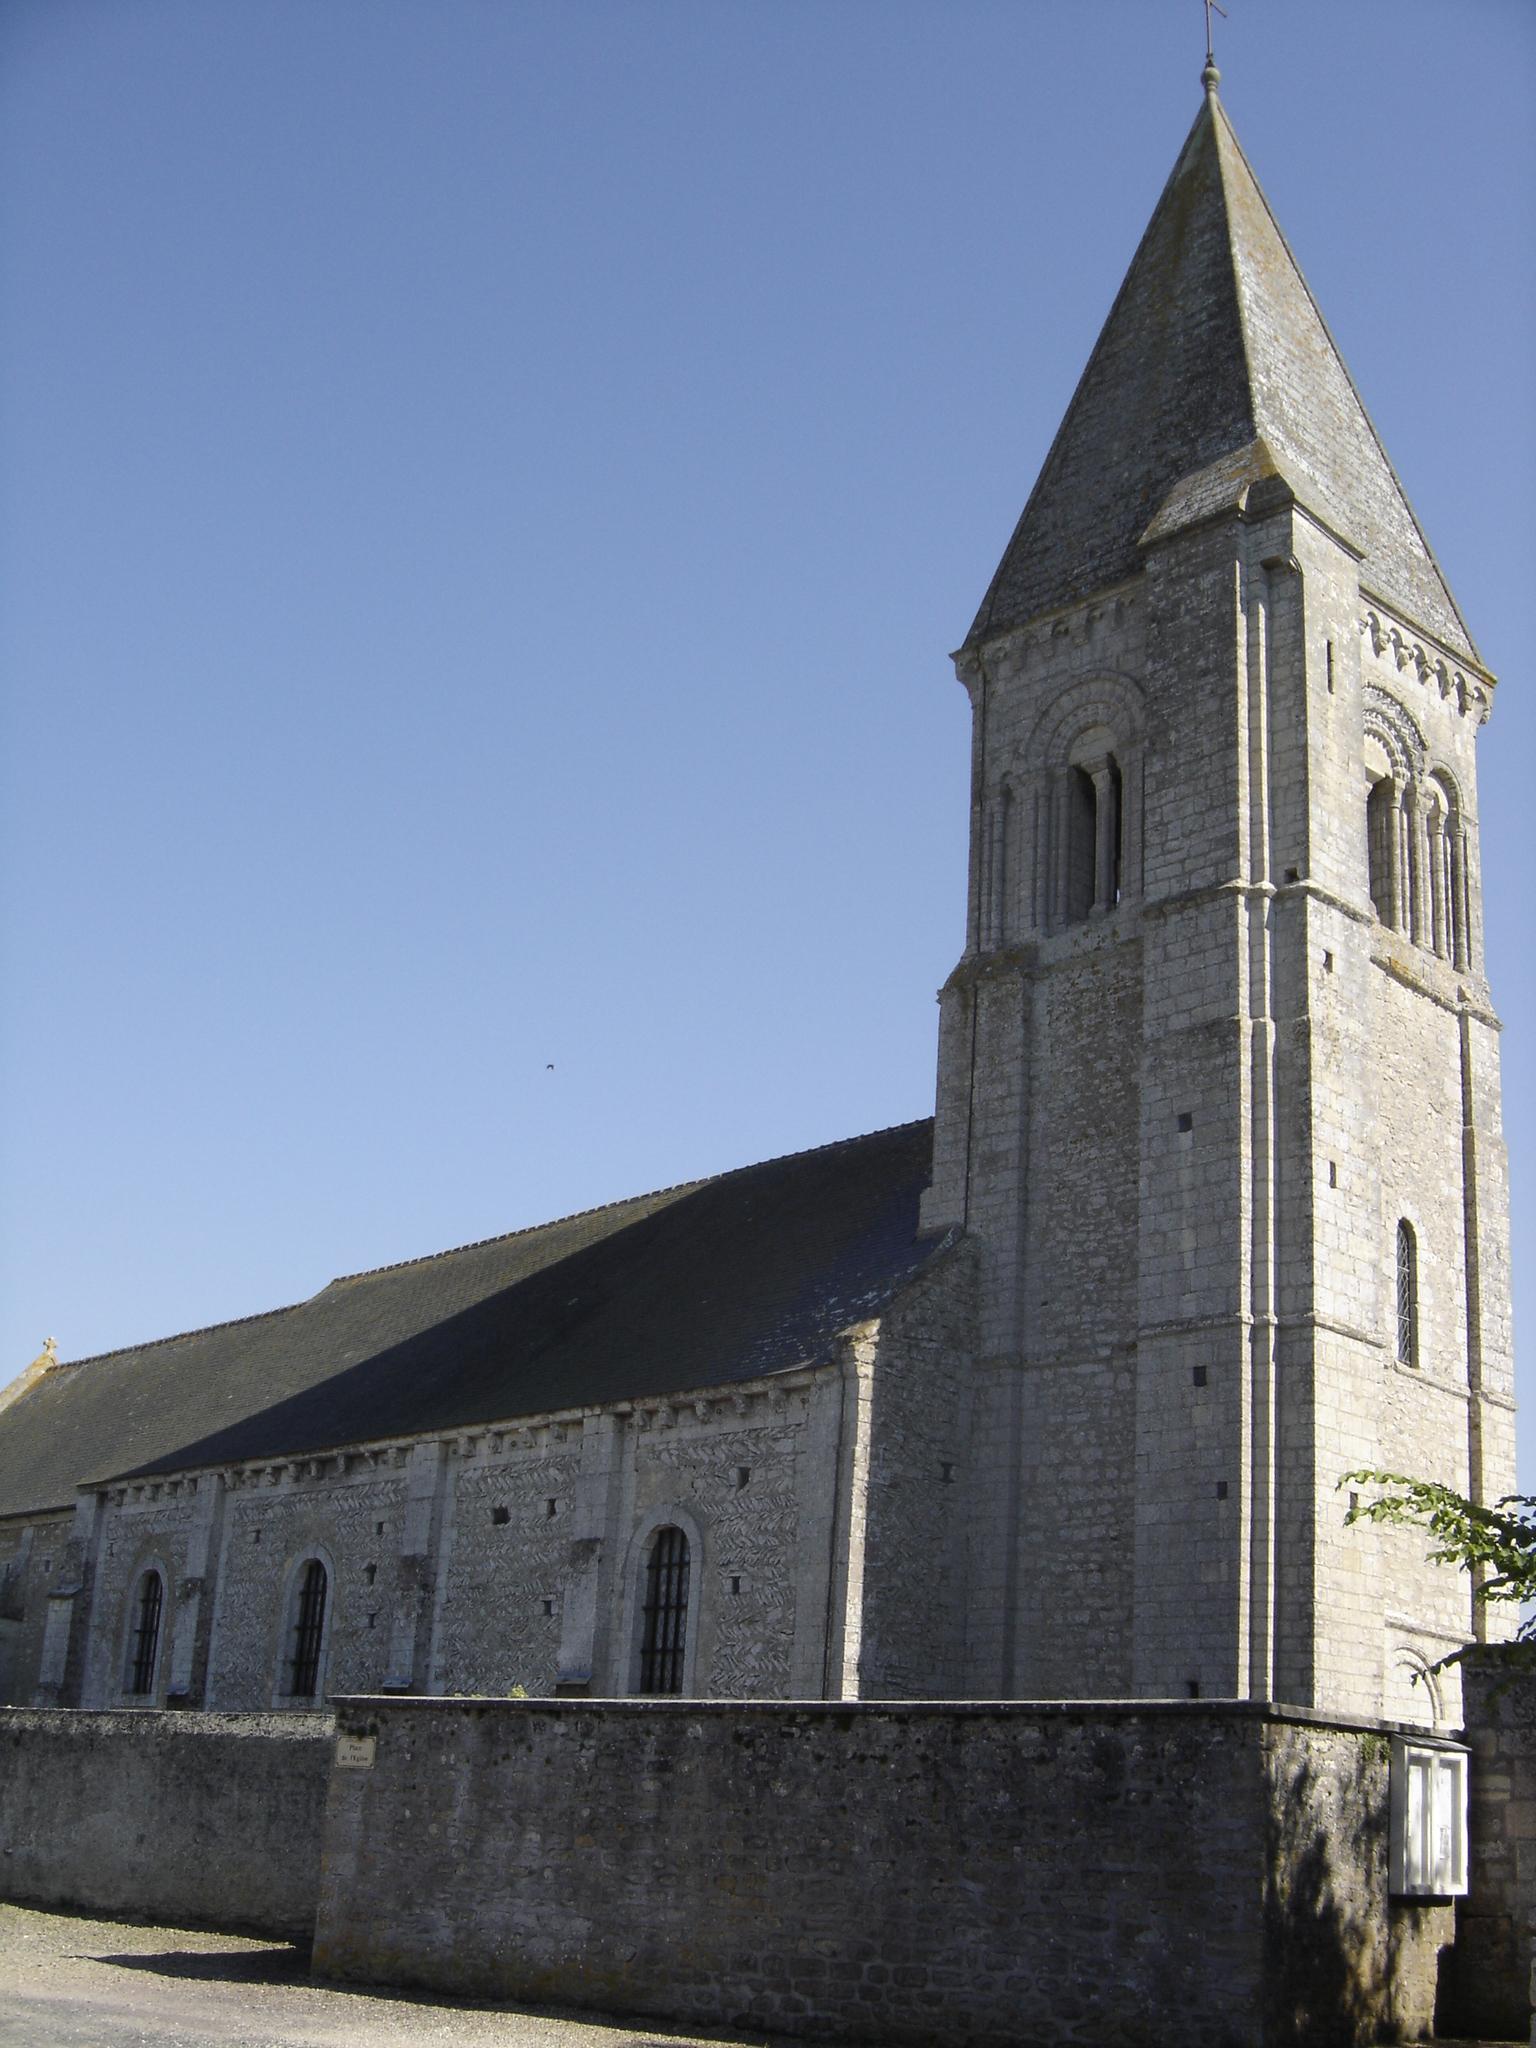 Narbonne Version 3 1: File:Vienne-en Bessin, Clocher-porche De L'église St